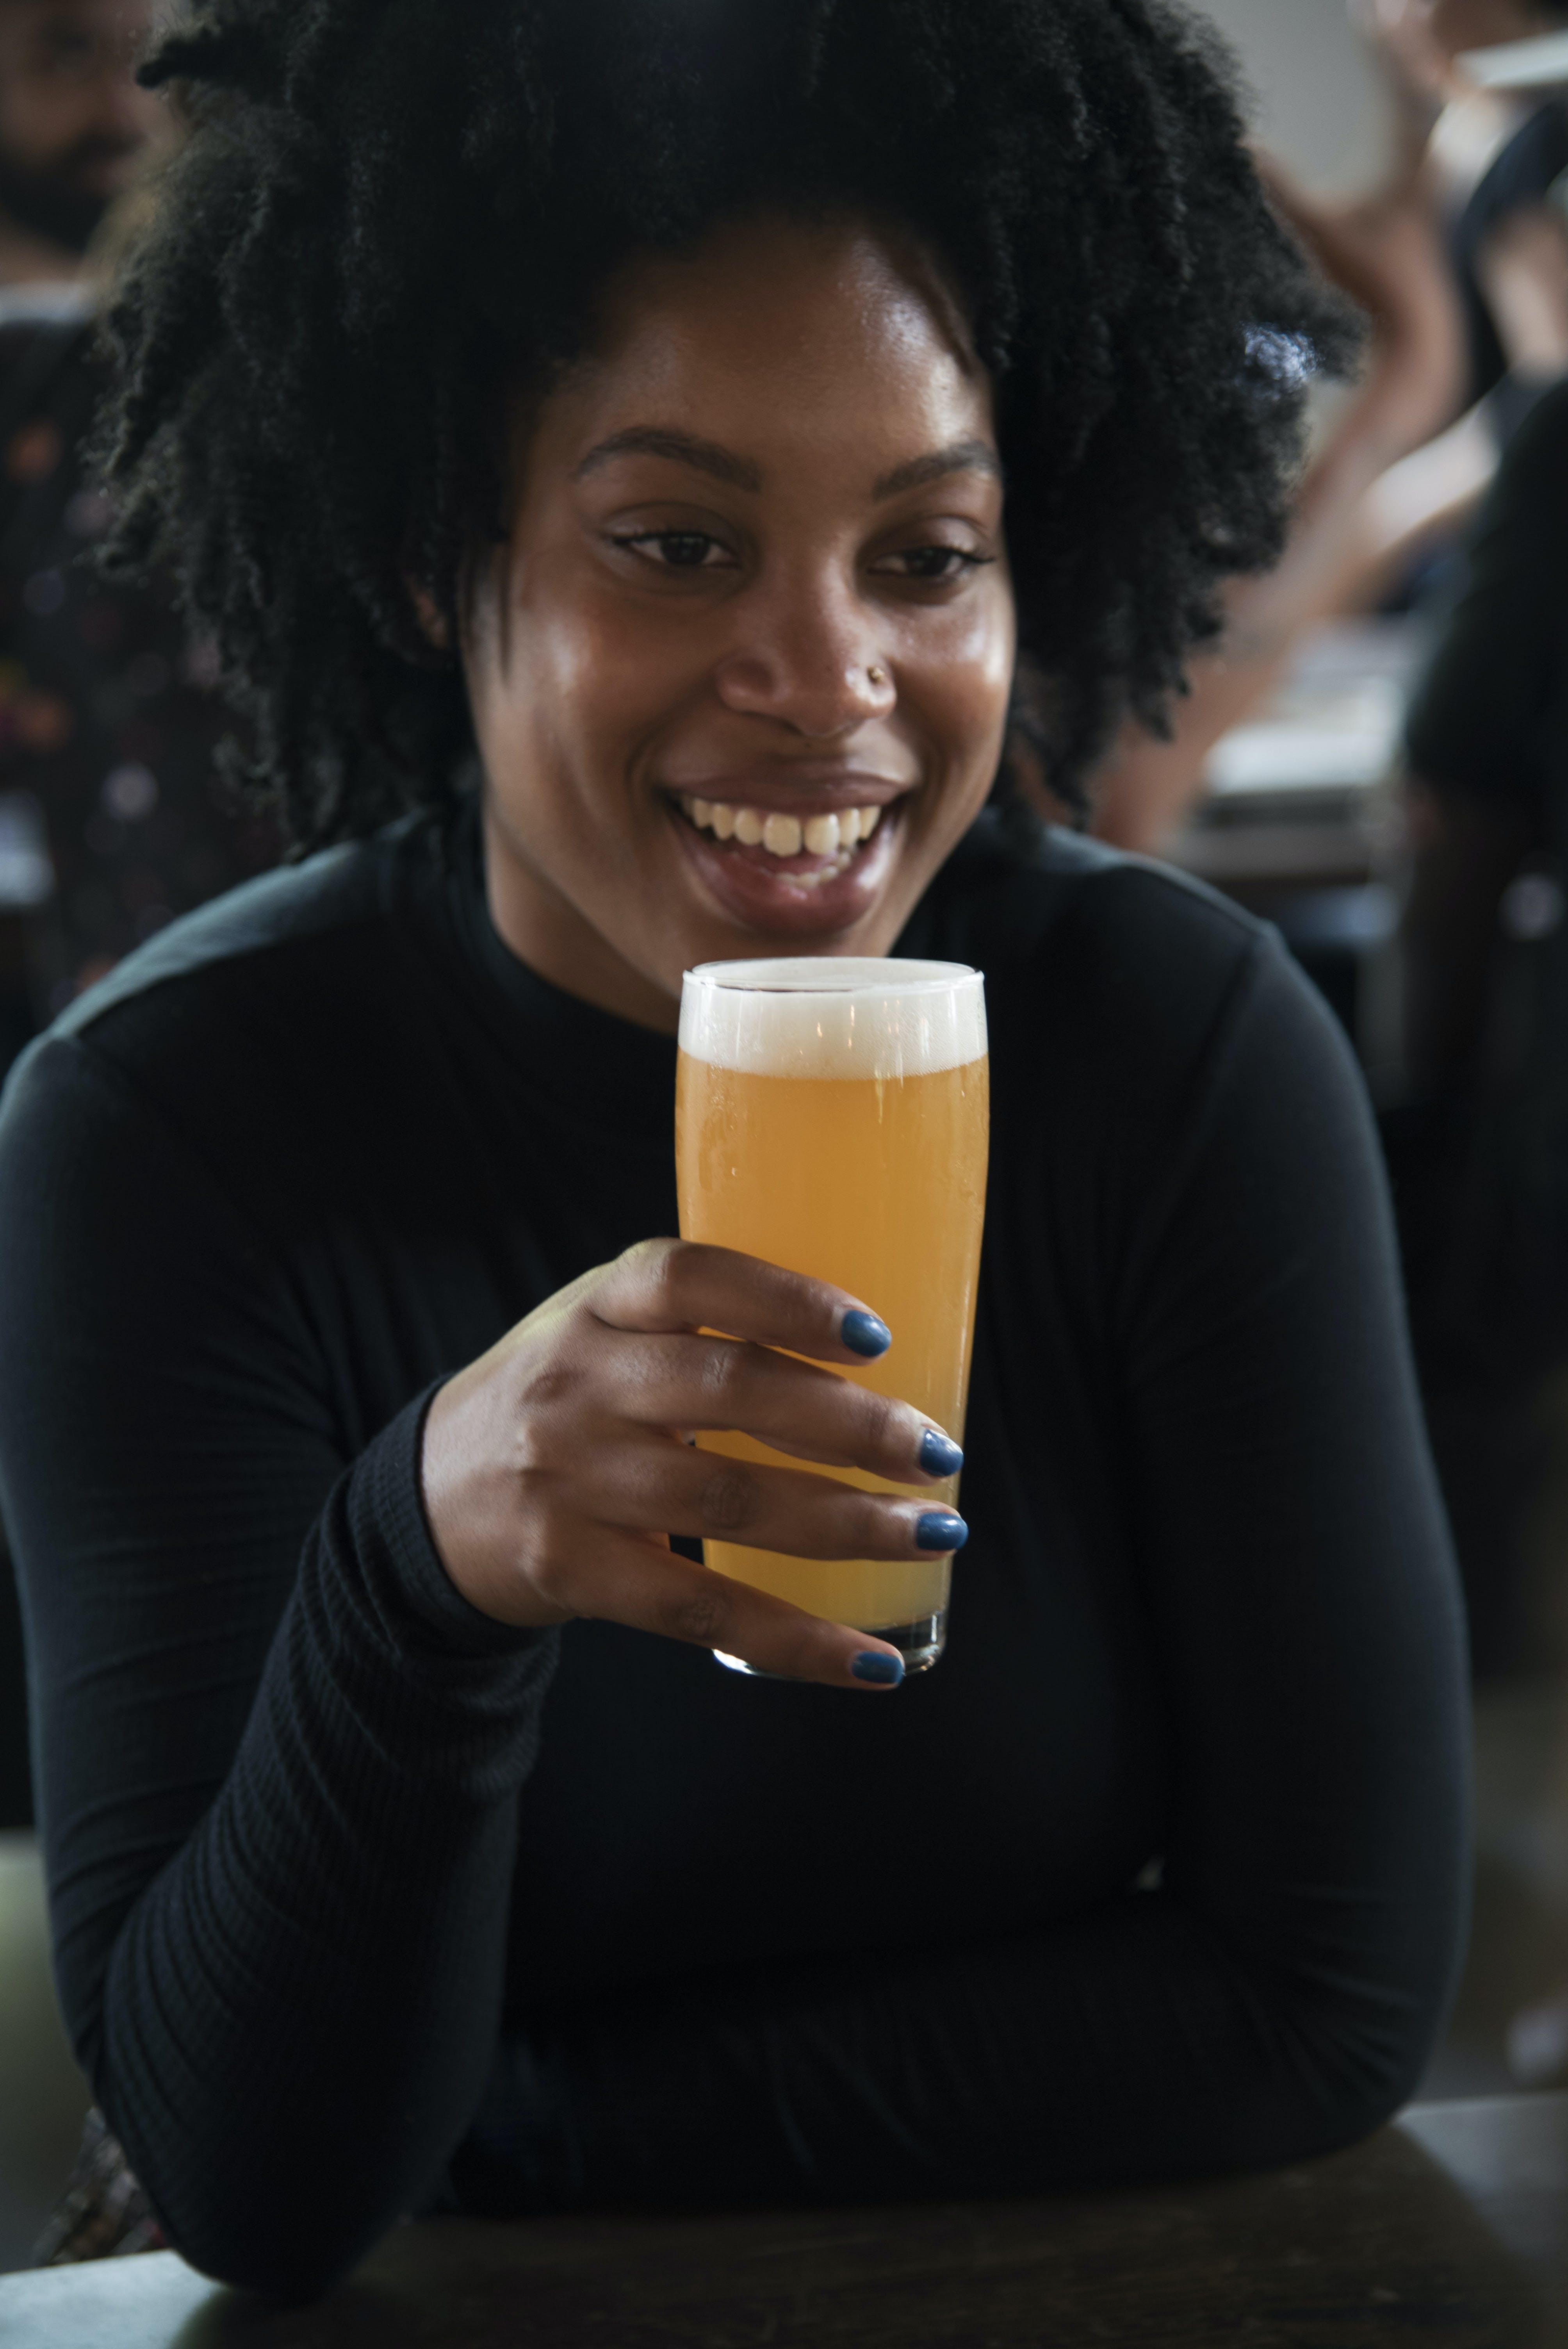 Woman Holding Beer Mug